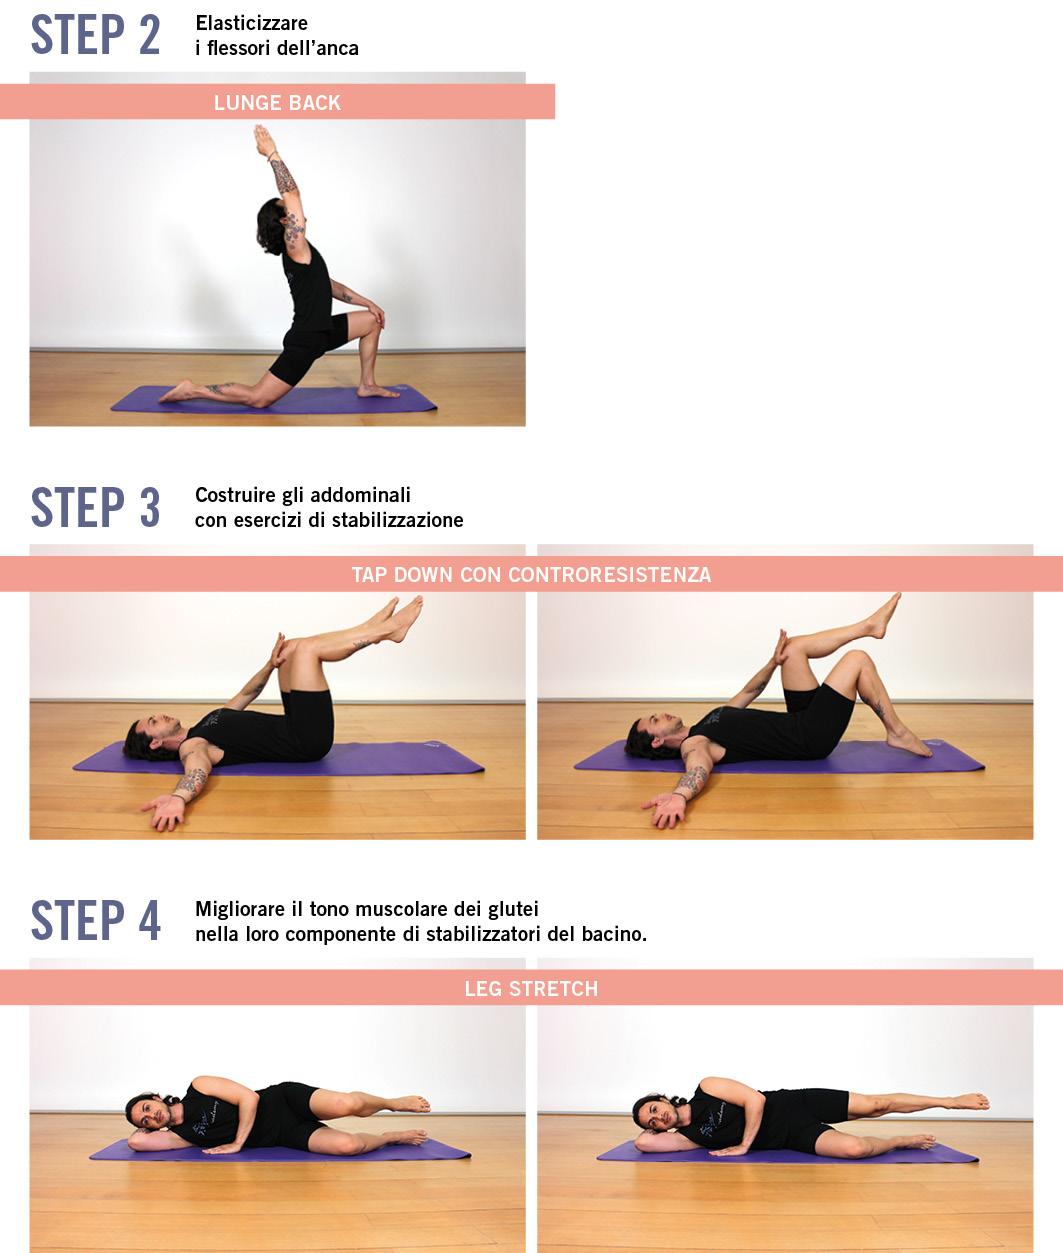 Estremamente Pilates per la schiena - FIF | Federazione Italiana Fitness GL04